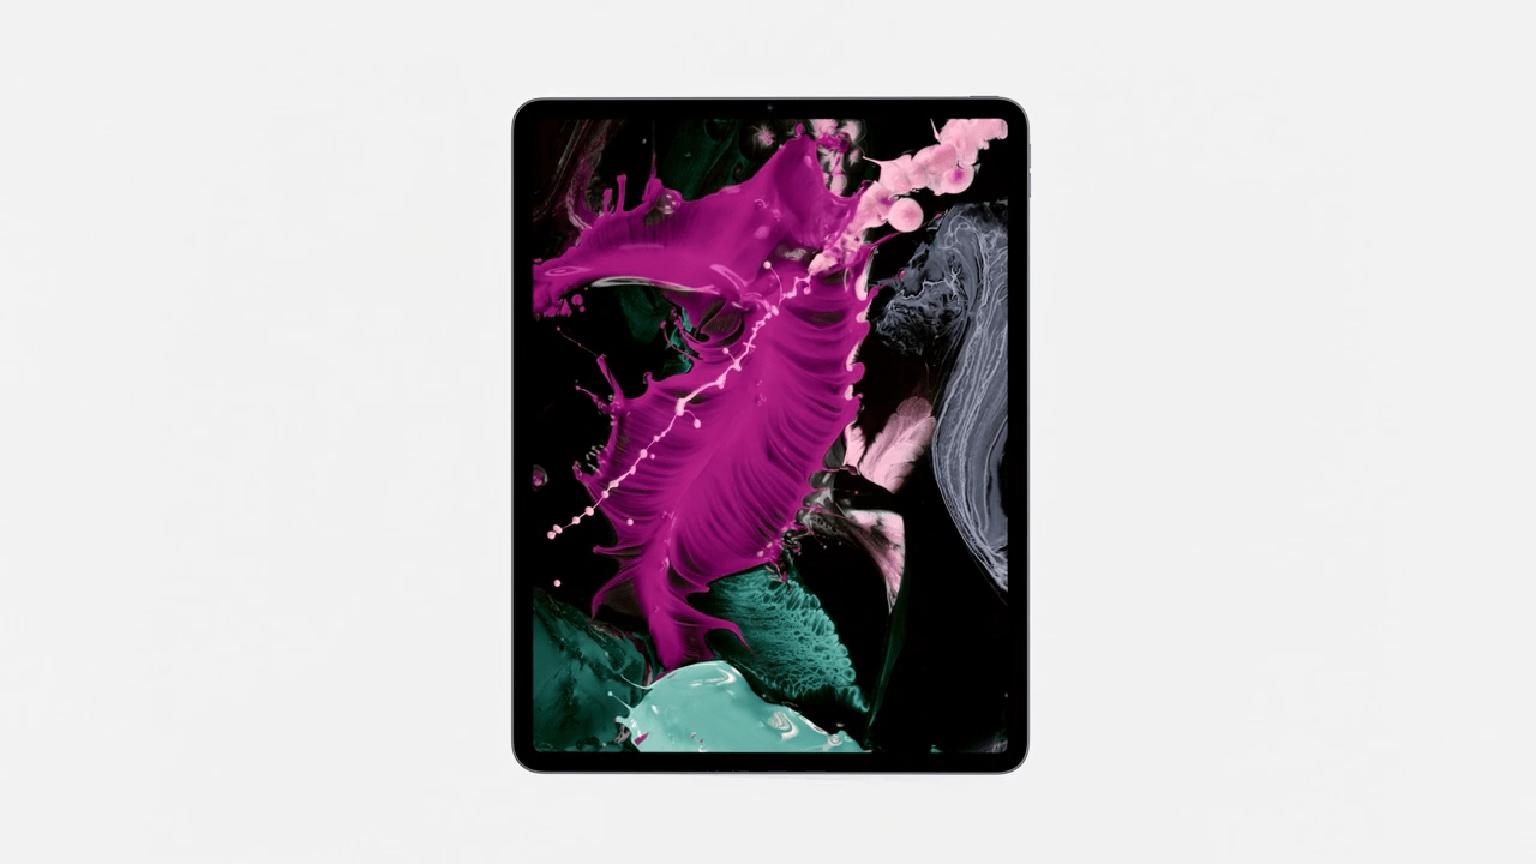 Quelles sont les alternatives Android et Windows à l'iPad Pro 2018 ?